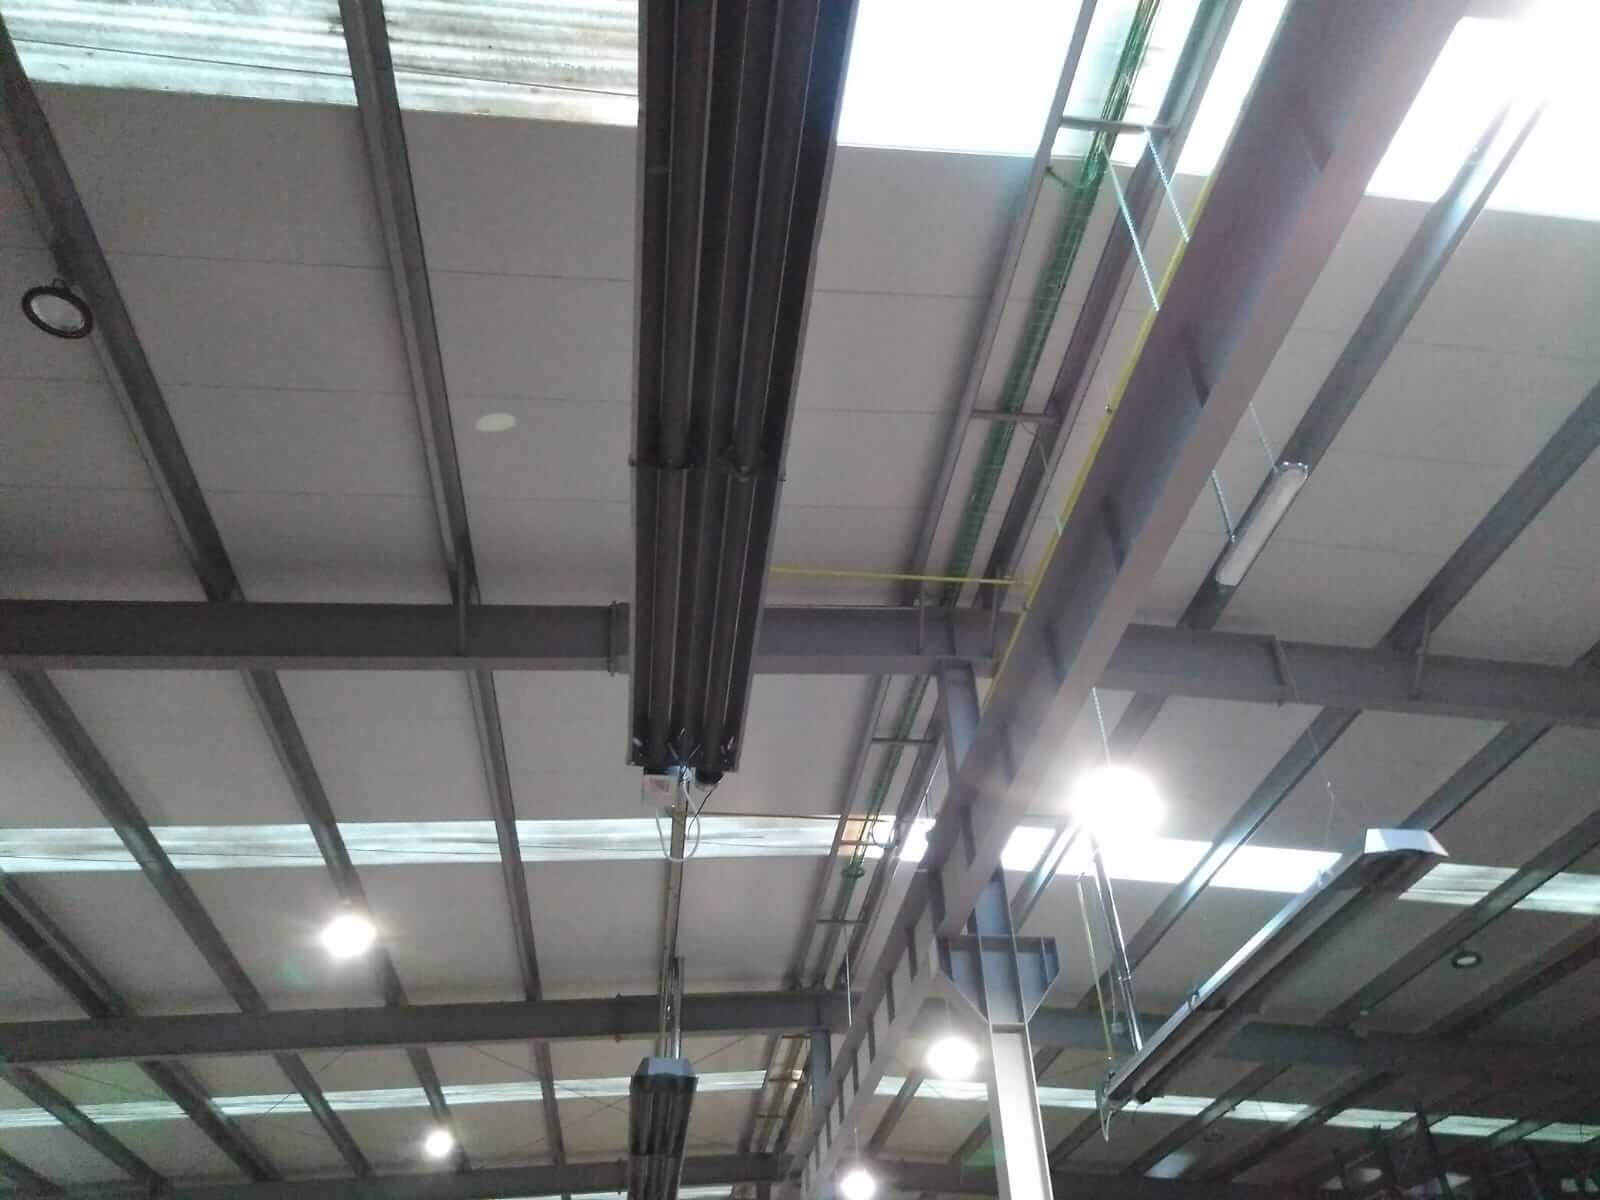 Ventajas de los sistemas de calefacción por radiación en naves industriales y edificios terciarios